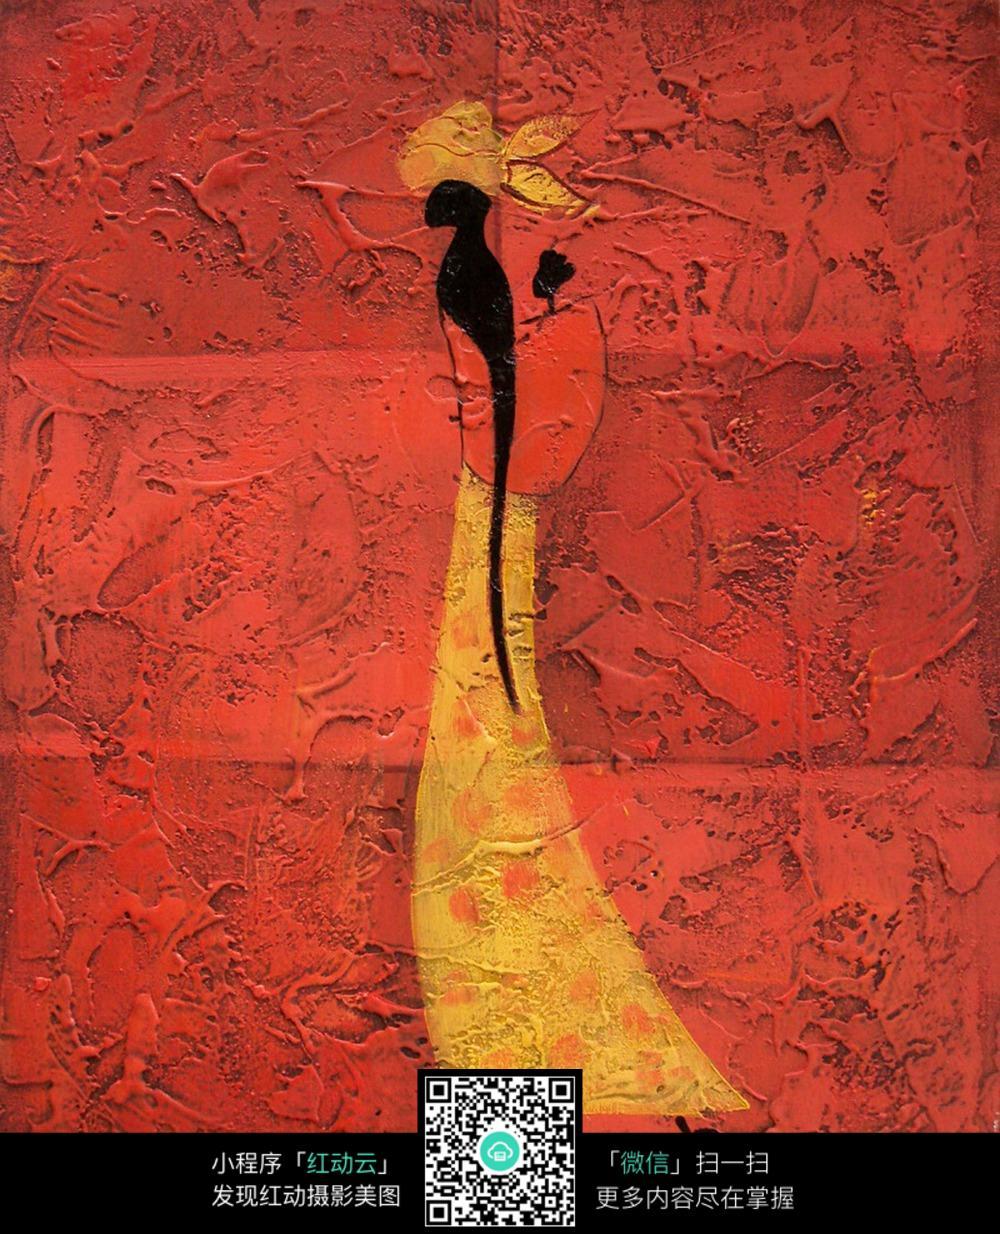 抽象人物装饰画图片